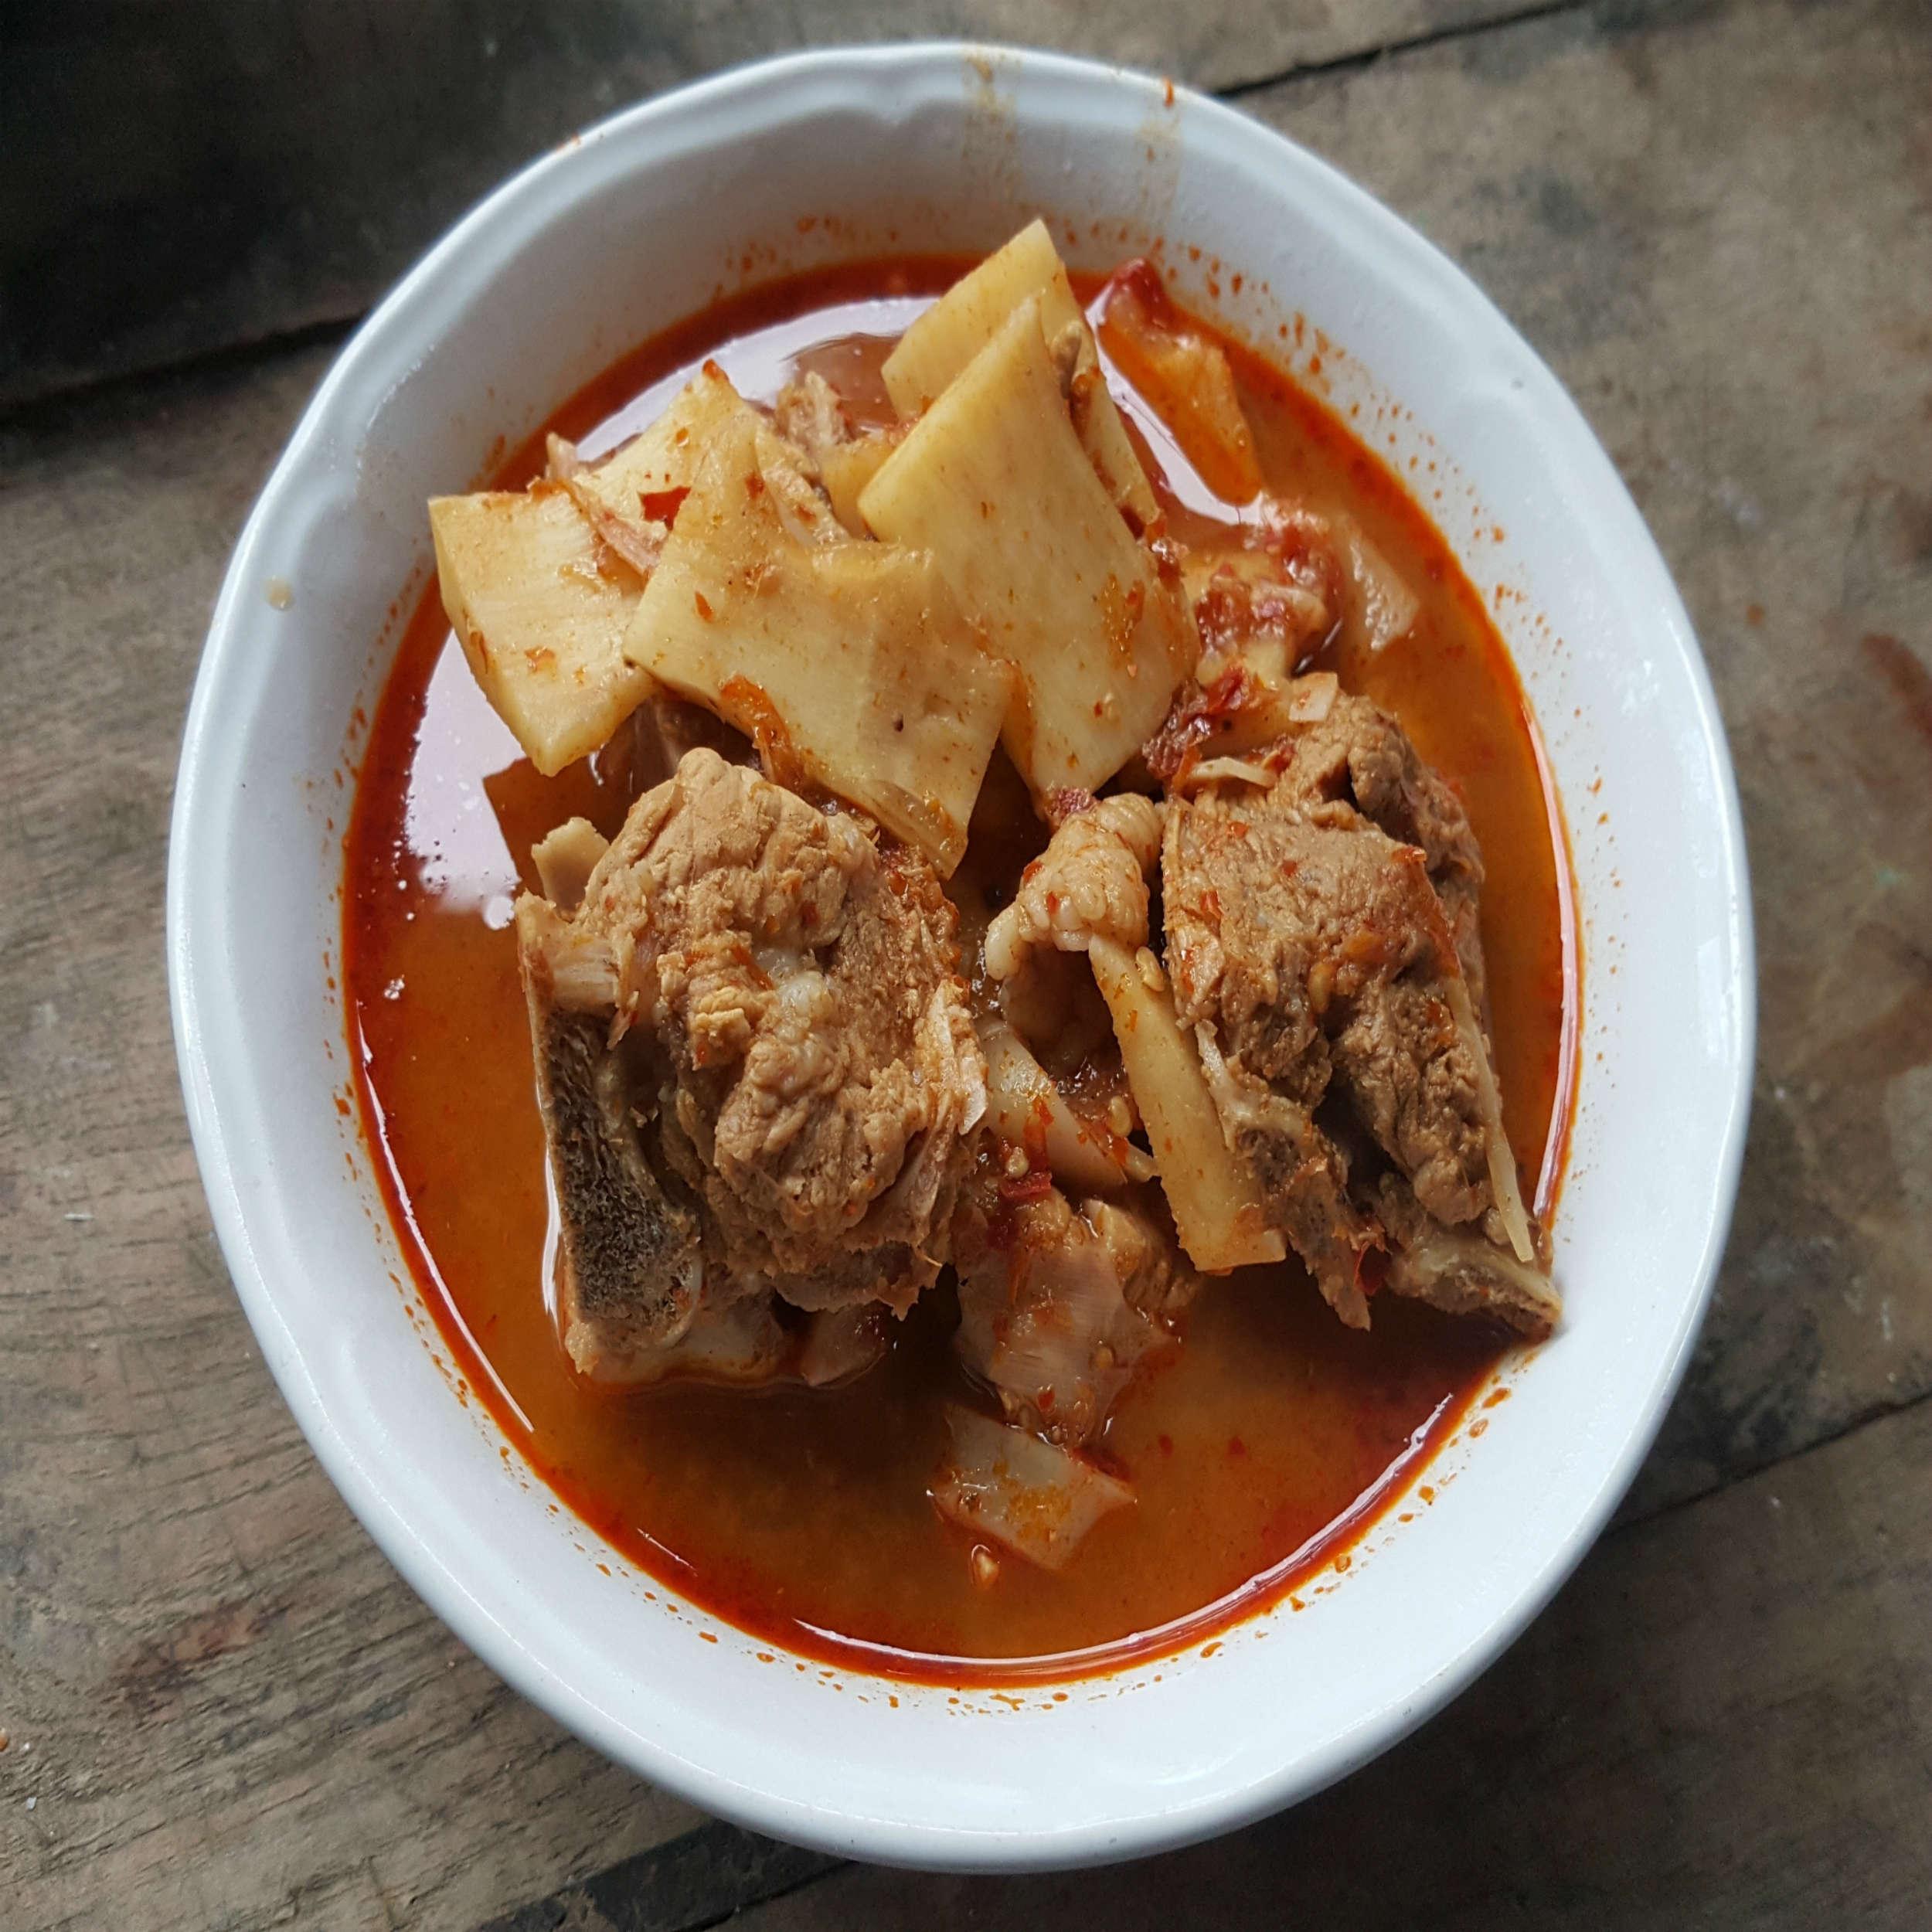 Naga Pork Curry Recipe: How to Make Naga Pork Curry Recipe | Homemade Naga  Pork Curry Recipe